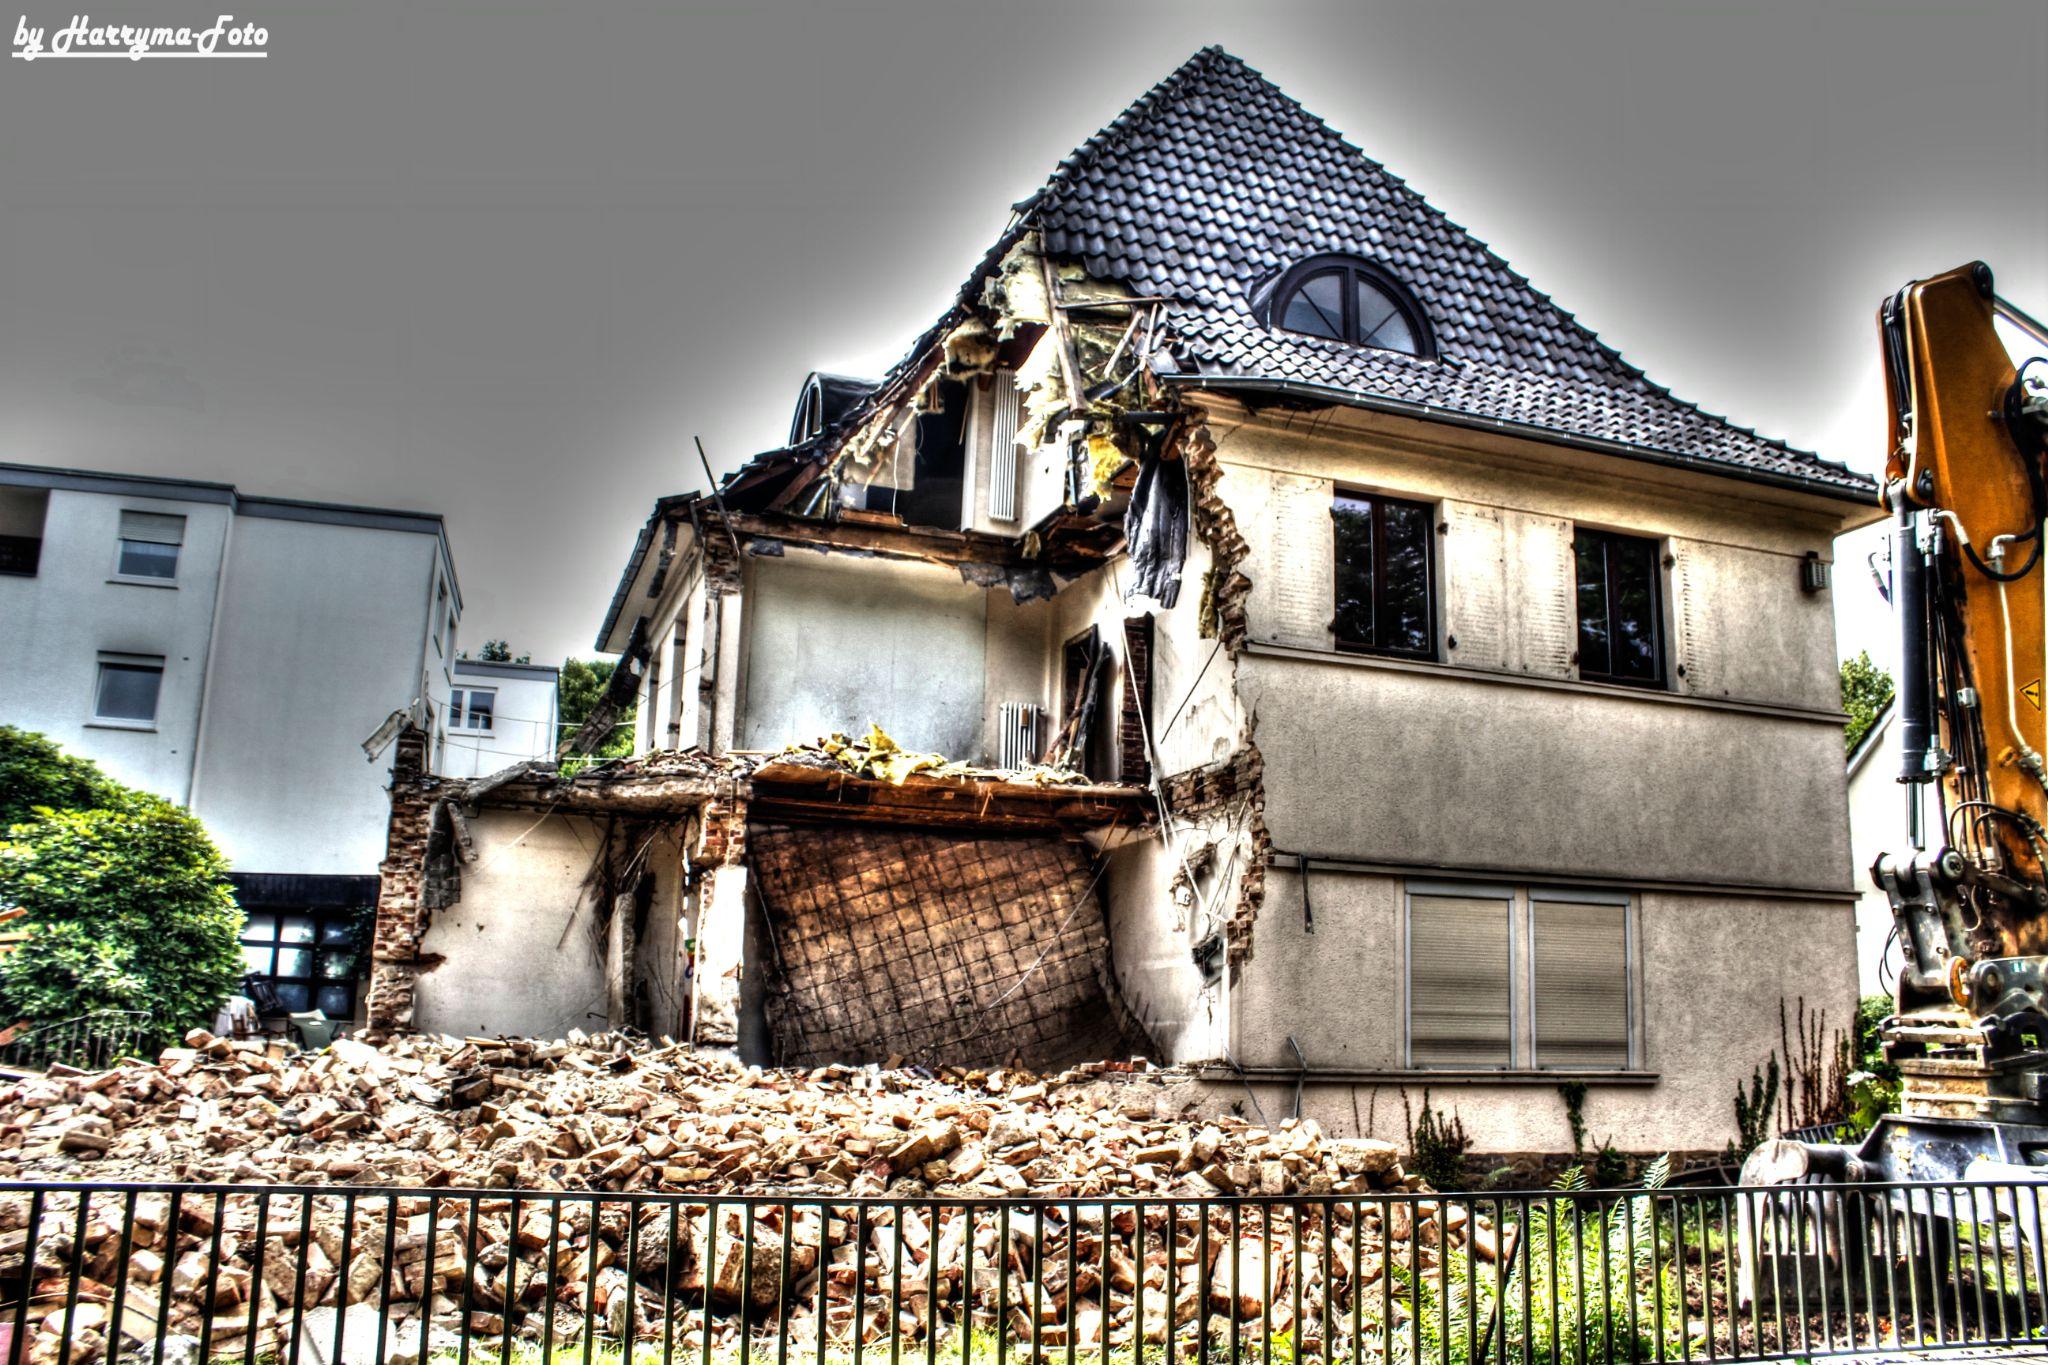 Altes-Haus1 by haraldkleiner